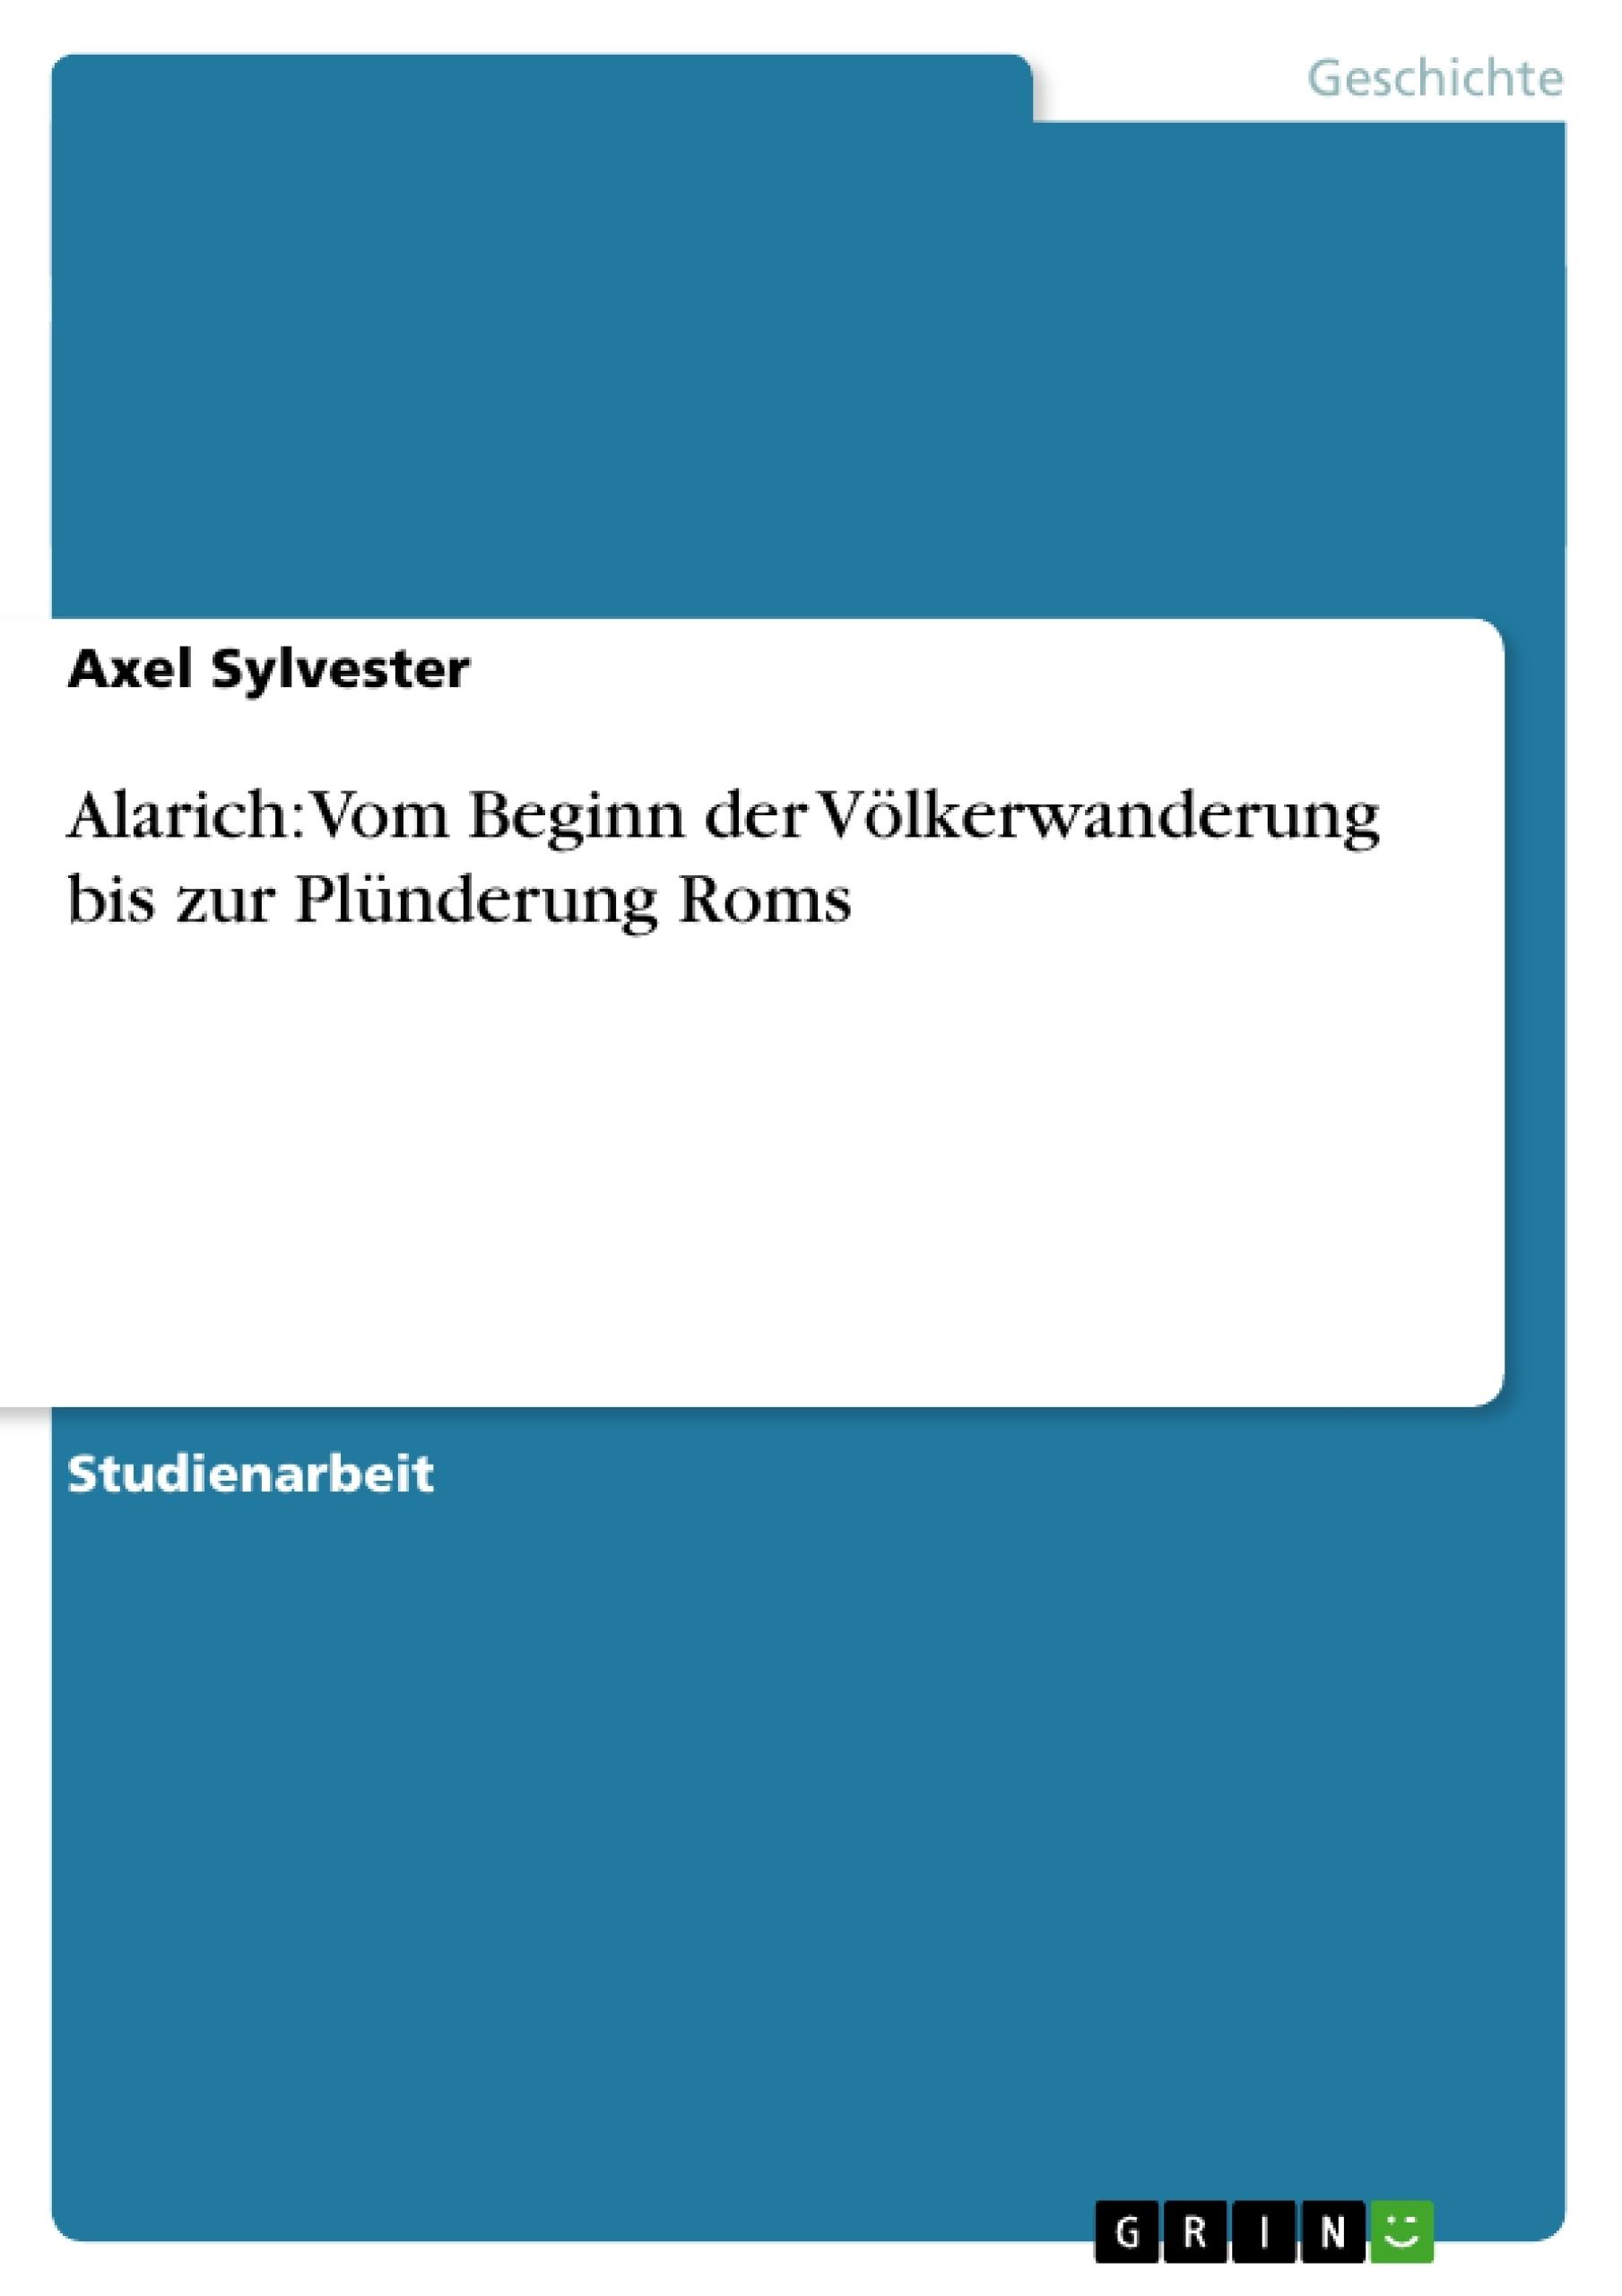 Titel: Alarich: Vom Beginn der Völkerwanderung bis zur Plünderung Roms